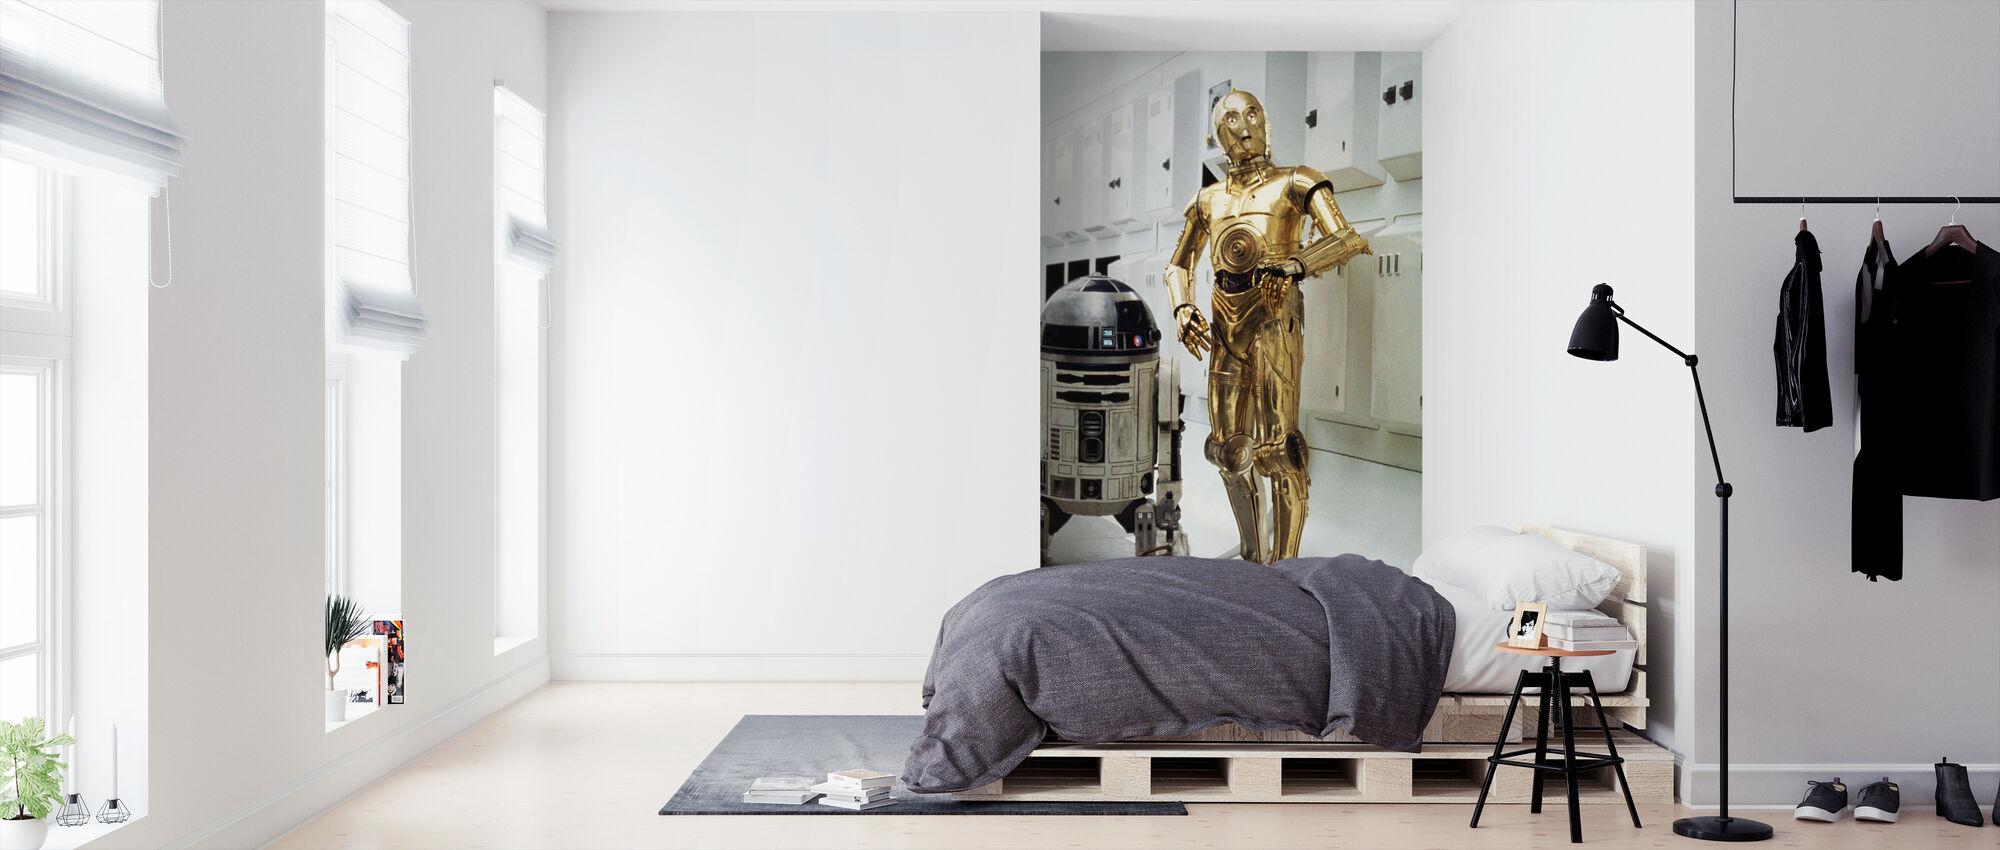 Star Wars - R2-D2 ja C-3PO Interiors - Tapetti - Makuuhuone